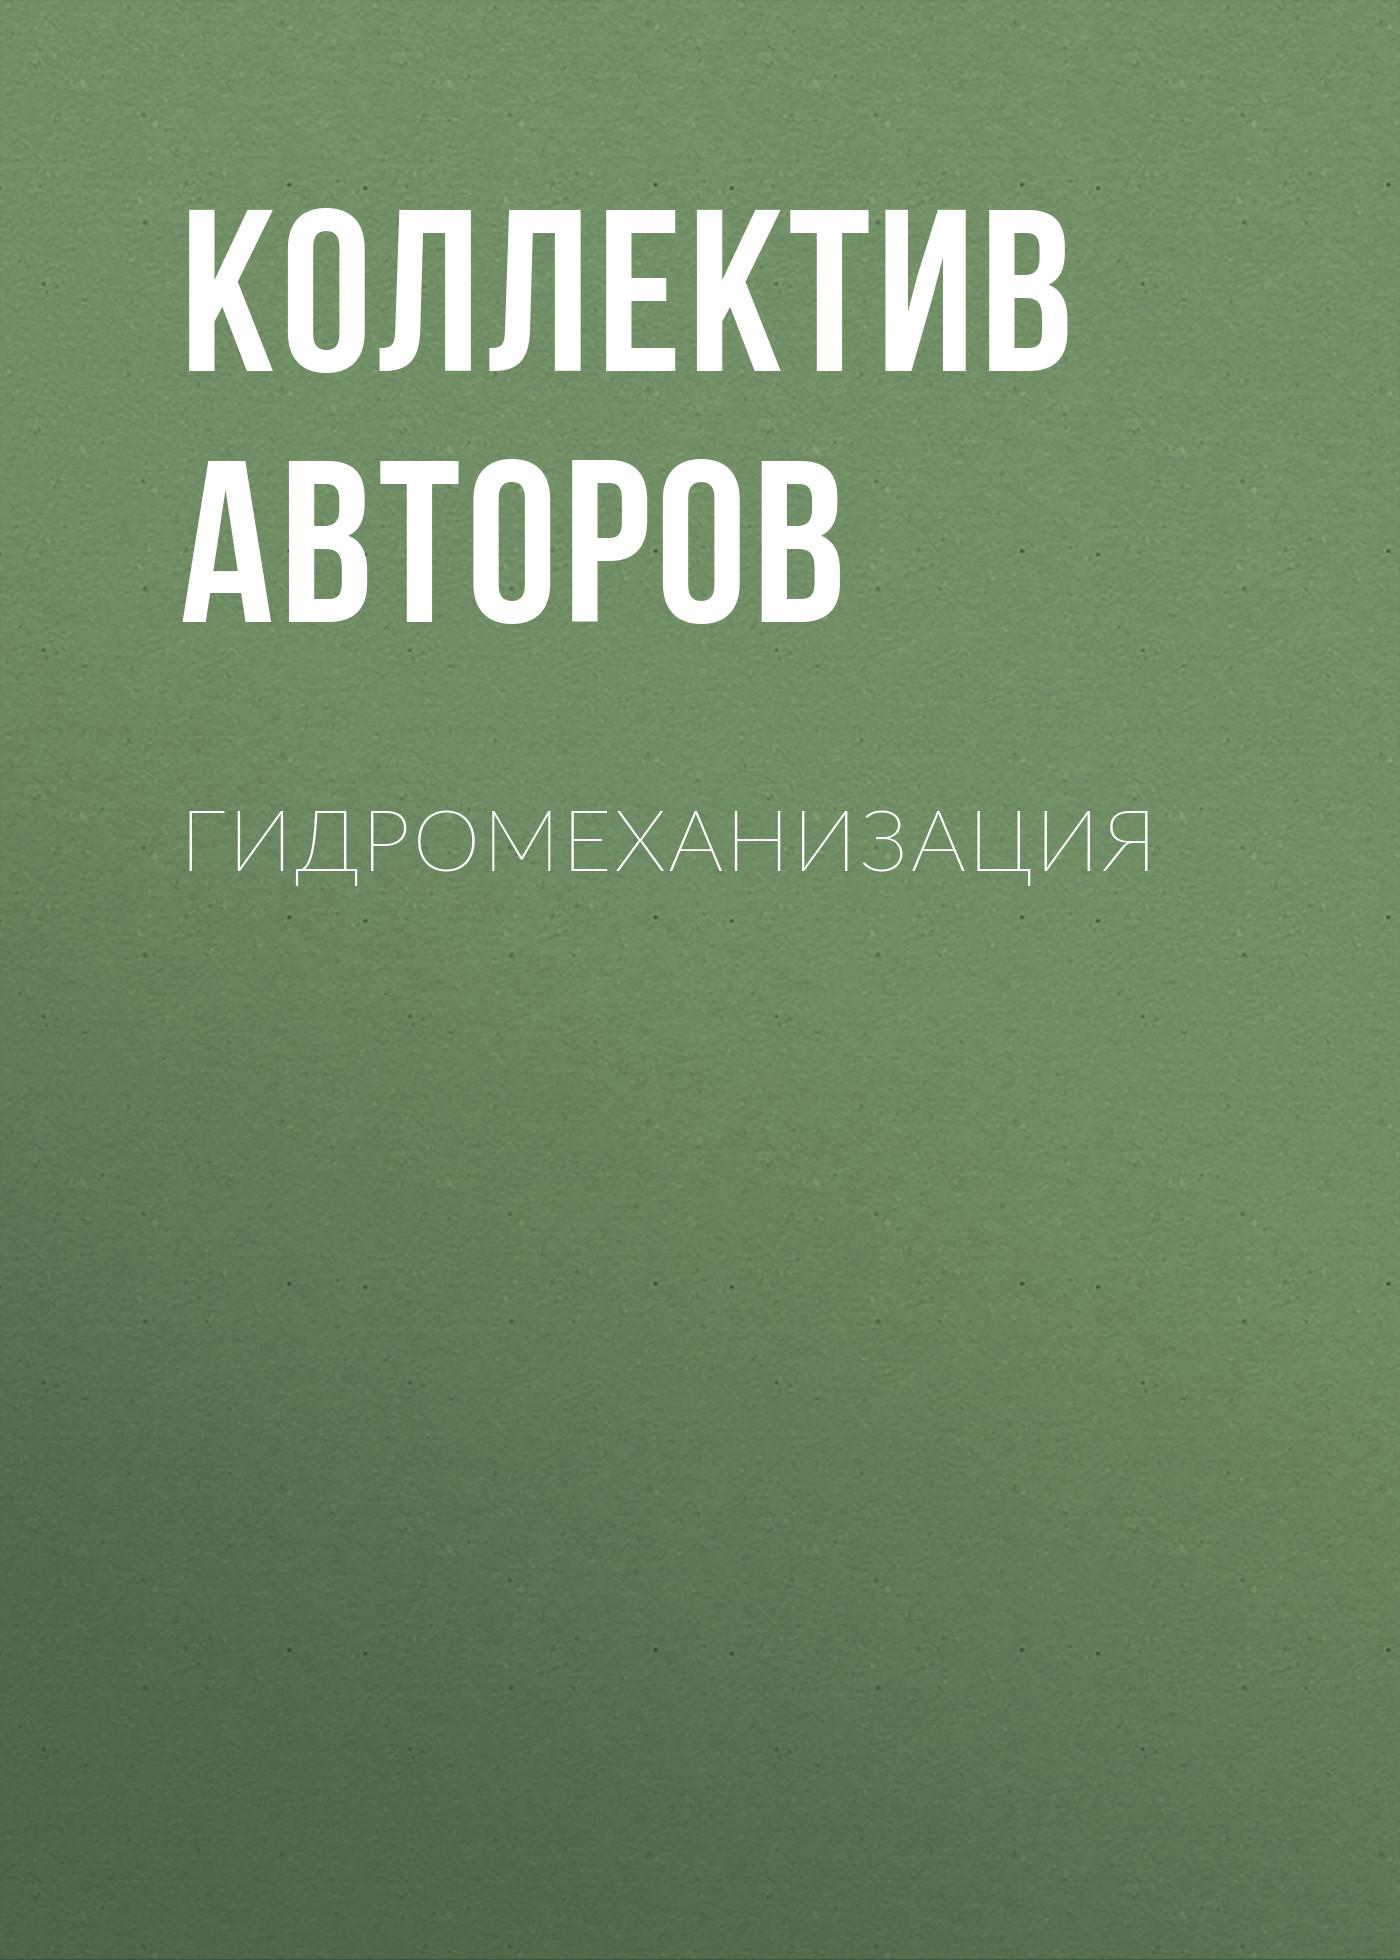 Коллектив авторов Гидромеханизация